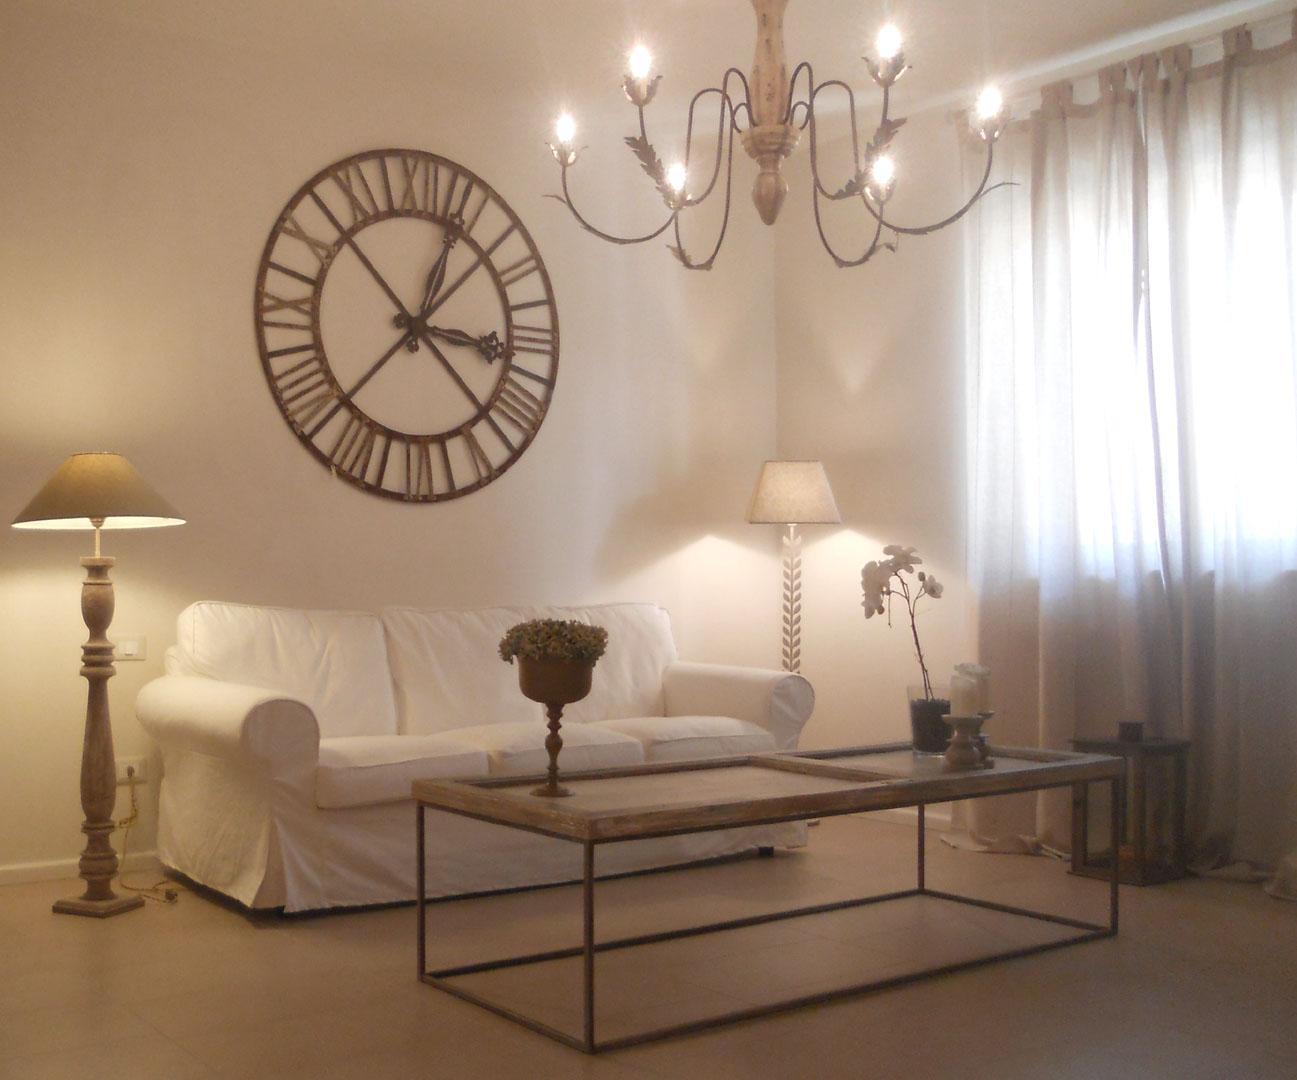 Tavolo basso Porta antica - Atelier GA Architettura e Design ...